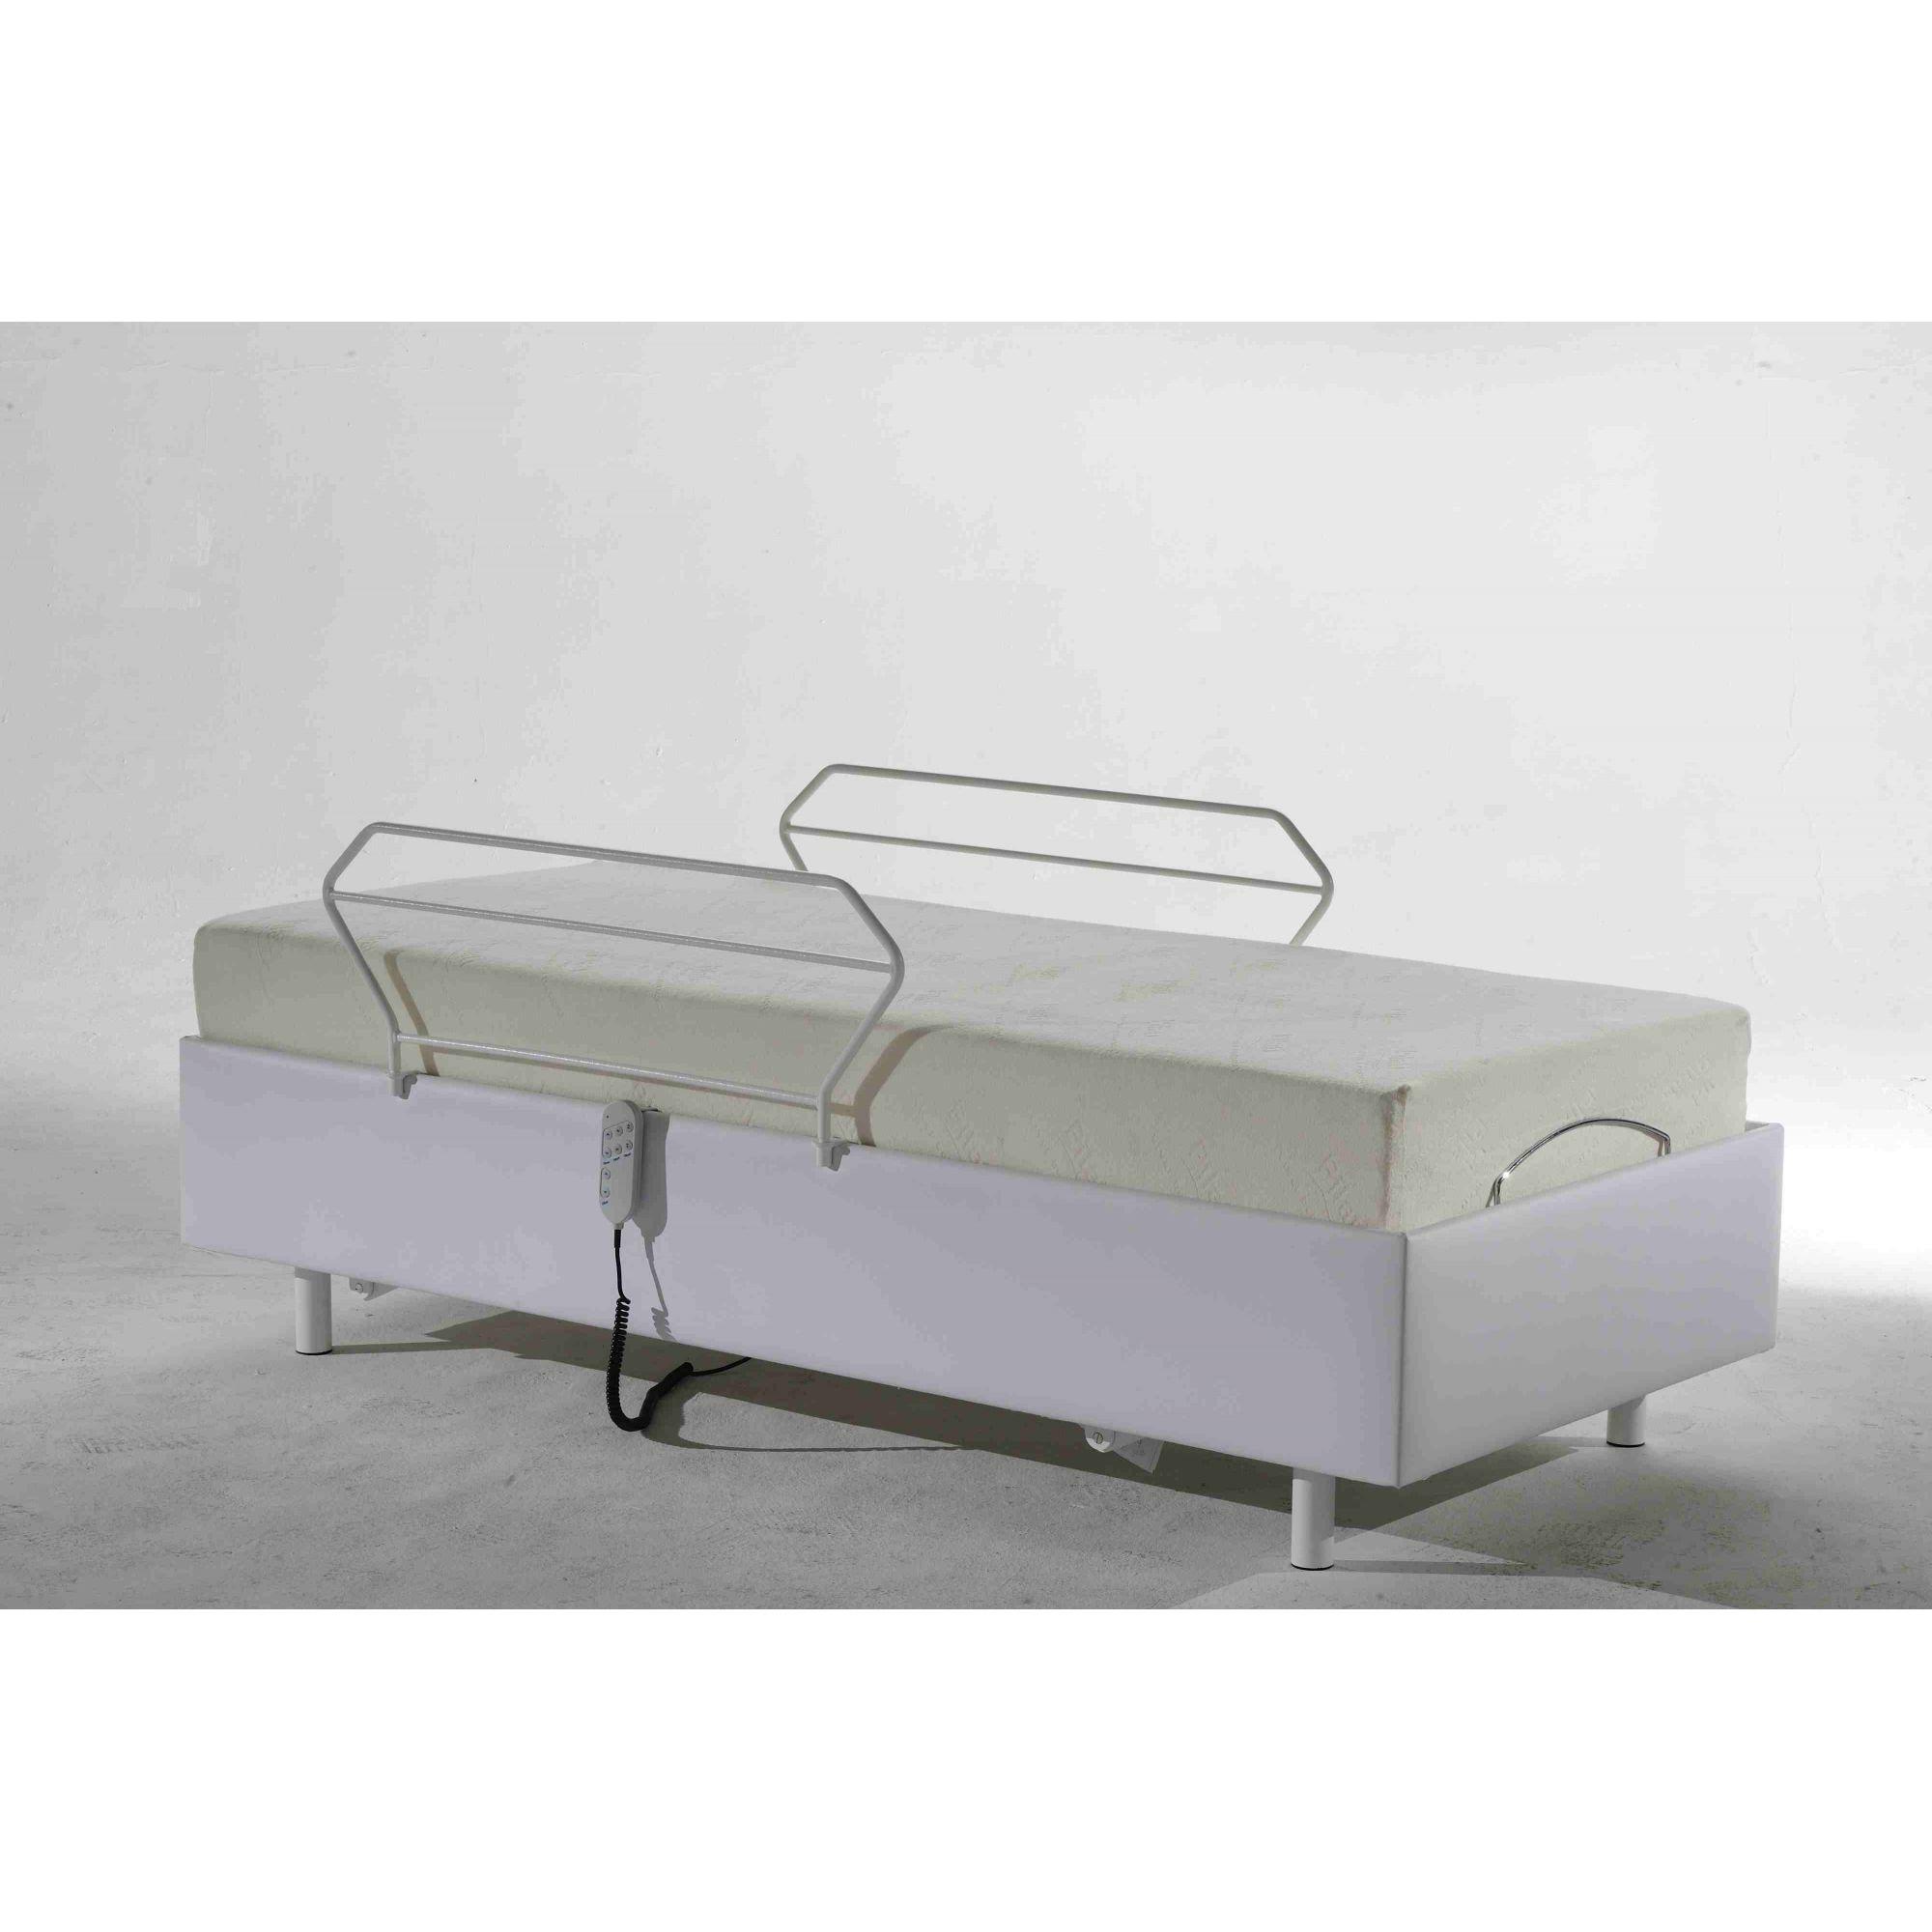 Cama Articulada Pilati Comfort Elevação com Ajuste de Altura